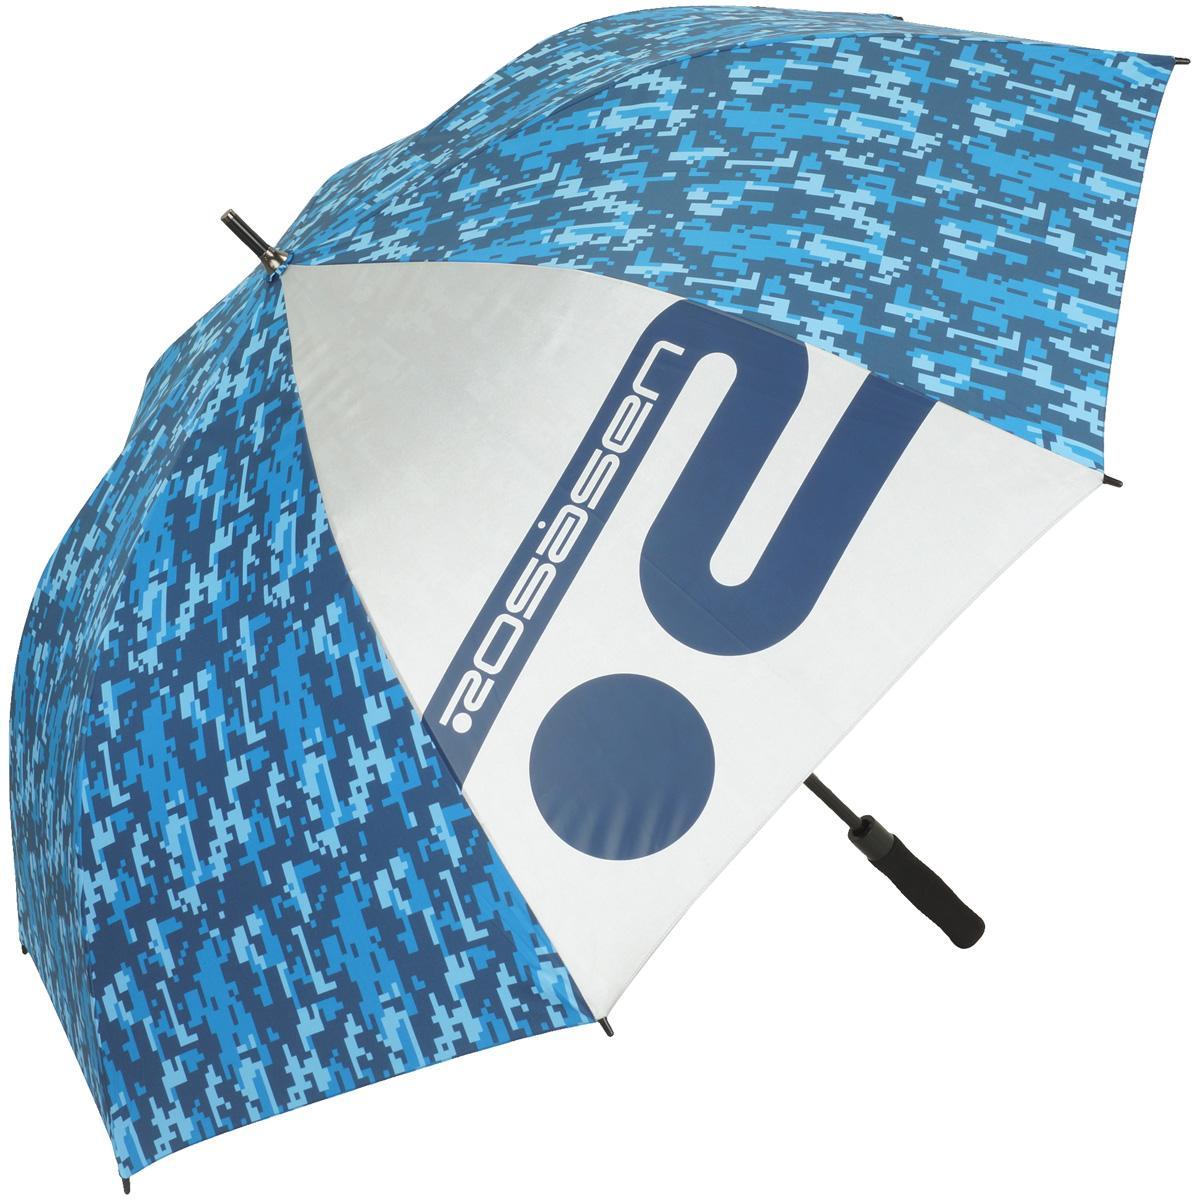 【11/30(土)0時~23時59分まで!最大2400円OFFクーポン配布♪】ロサーセン ROSASEN 傘